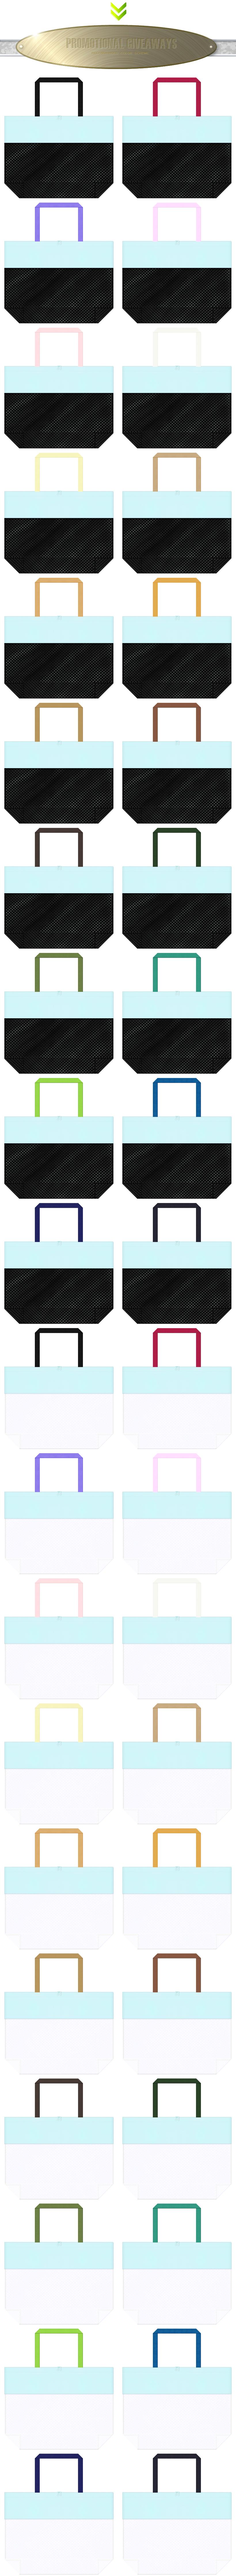 黒色メッシュ・白色メッシュと水色の不織布をメインに使用した、台形型メッシュバッグのカラーシミュレーション